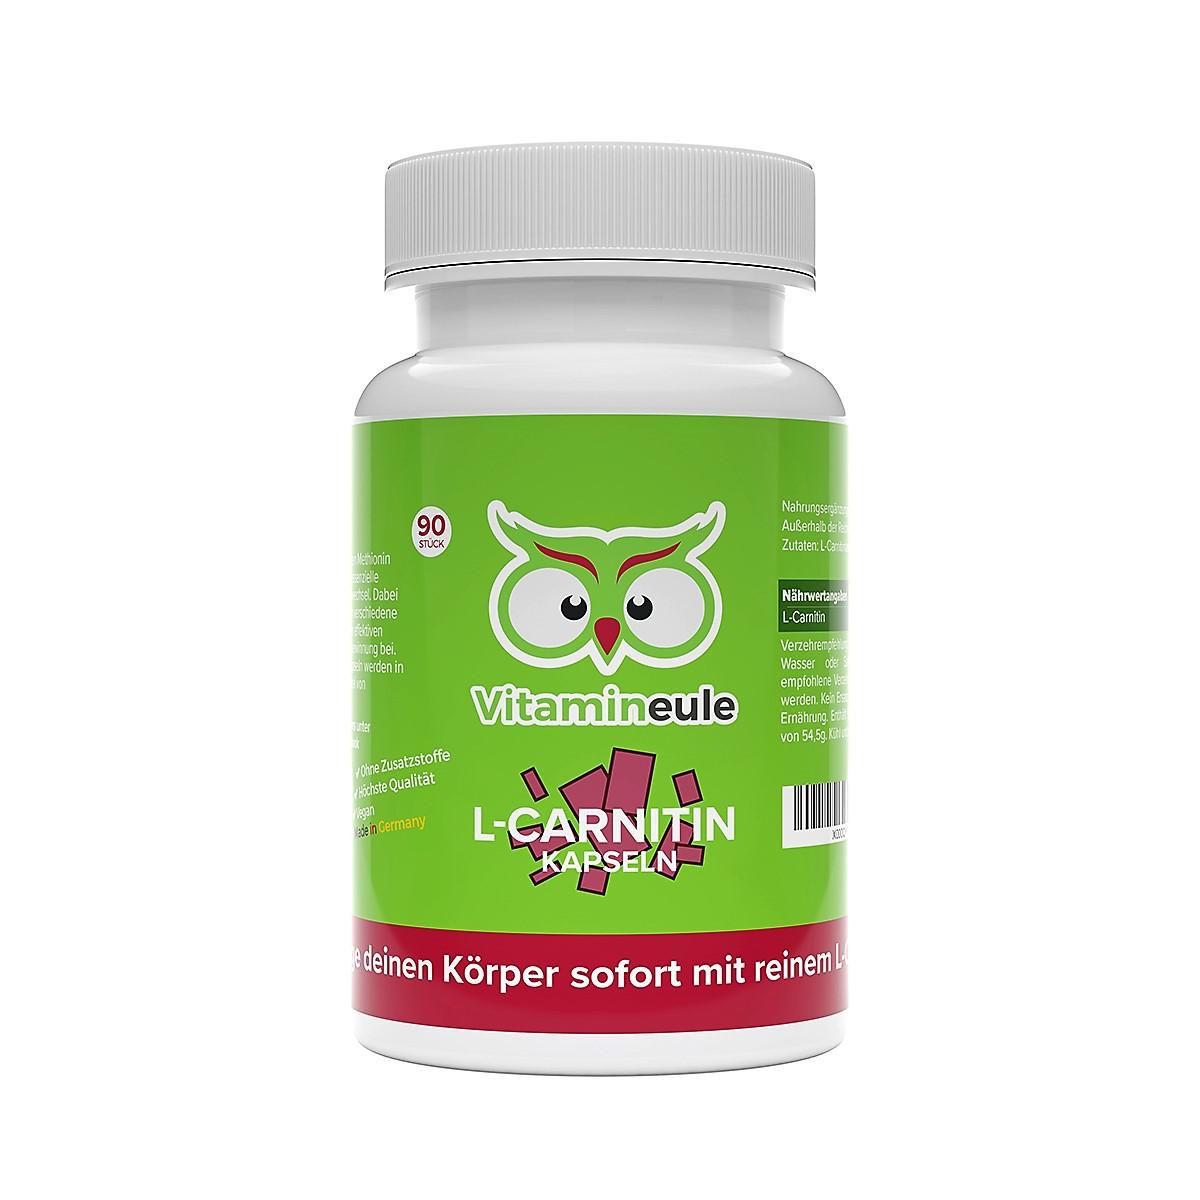 L-Carnitin Kapseln von Vitamineule